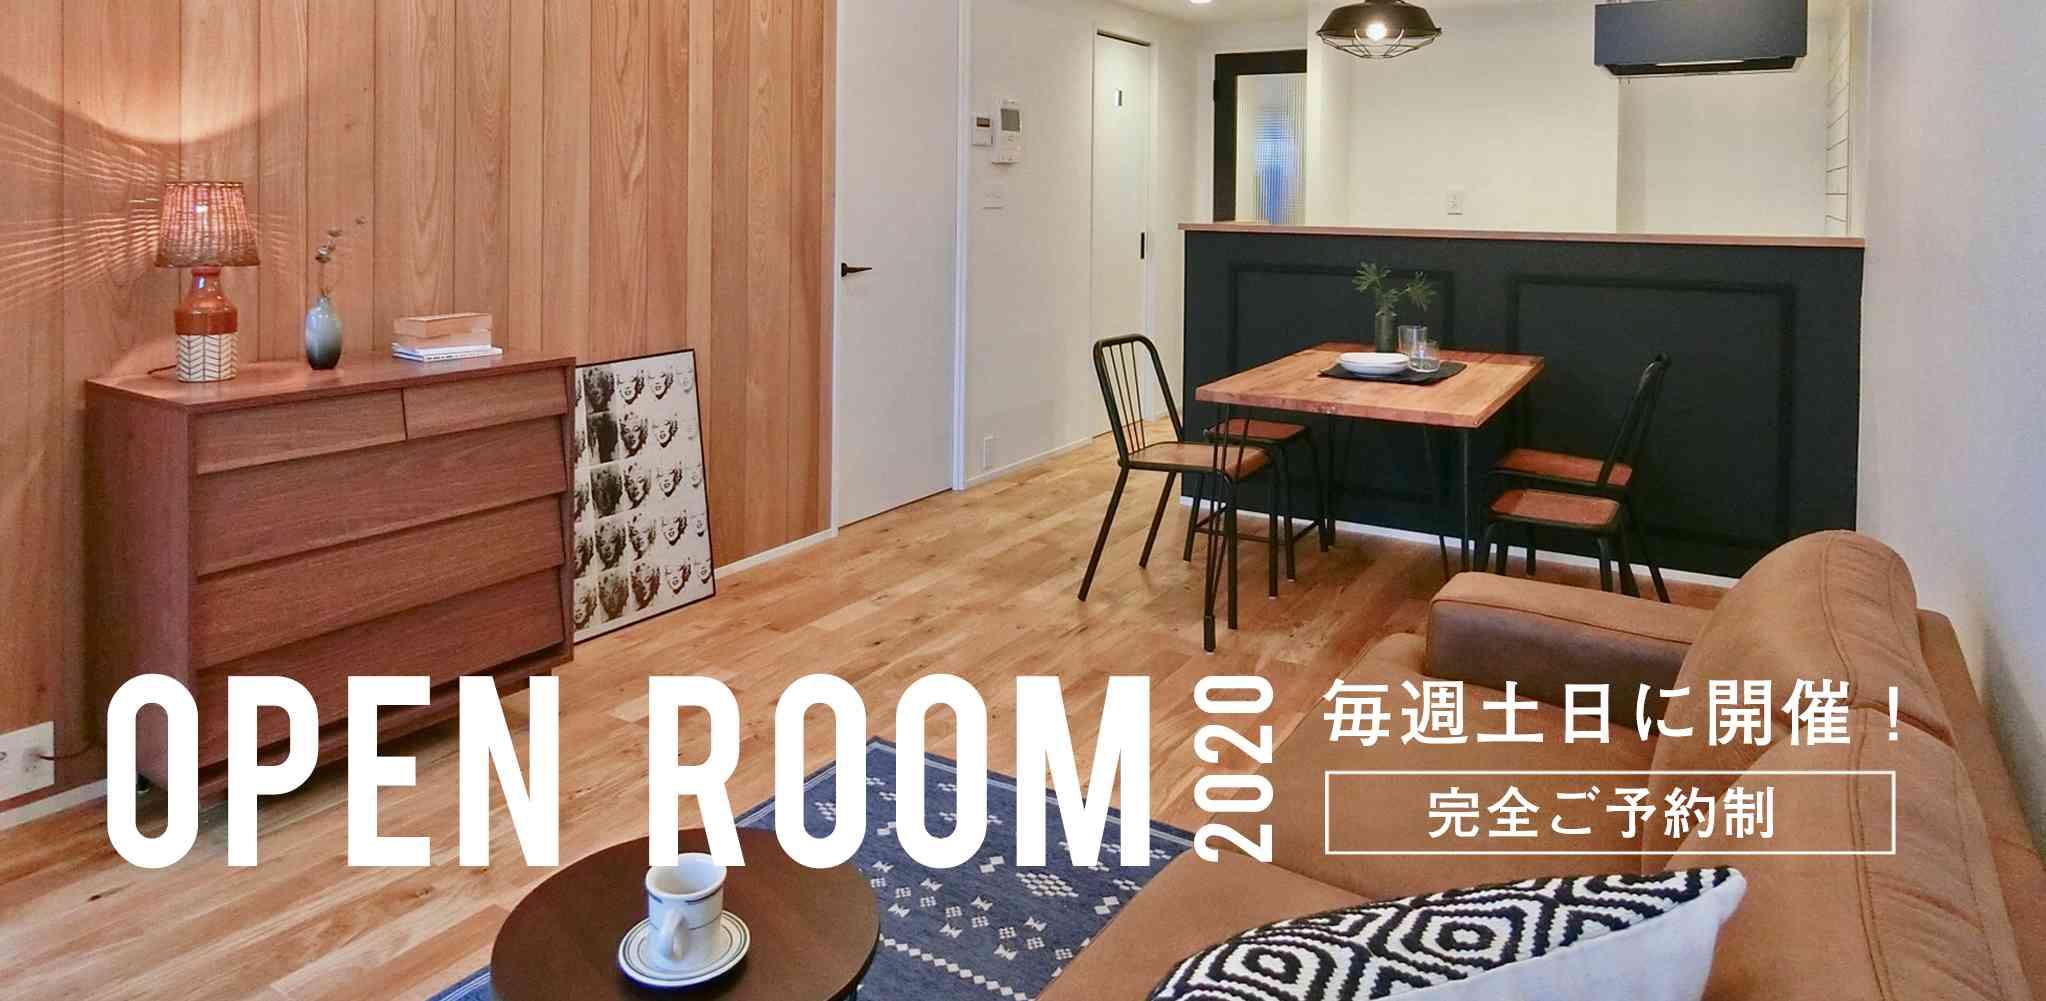 オープンルーム開催!都営新宿線「大島」駅から徒歩4分の物件